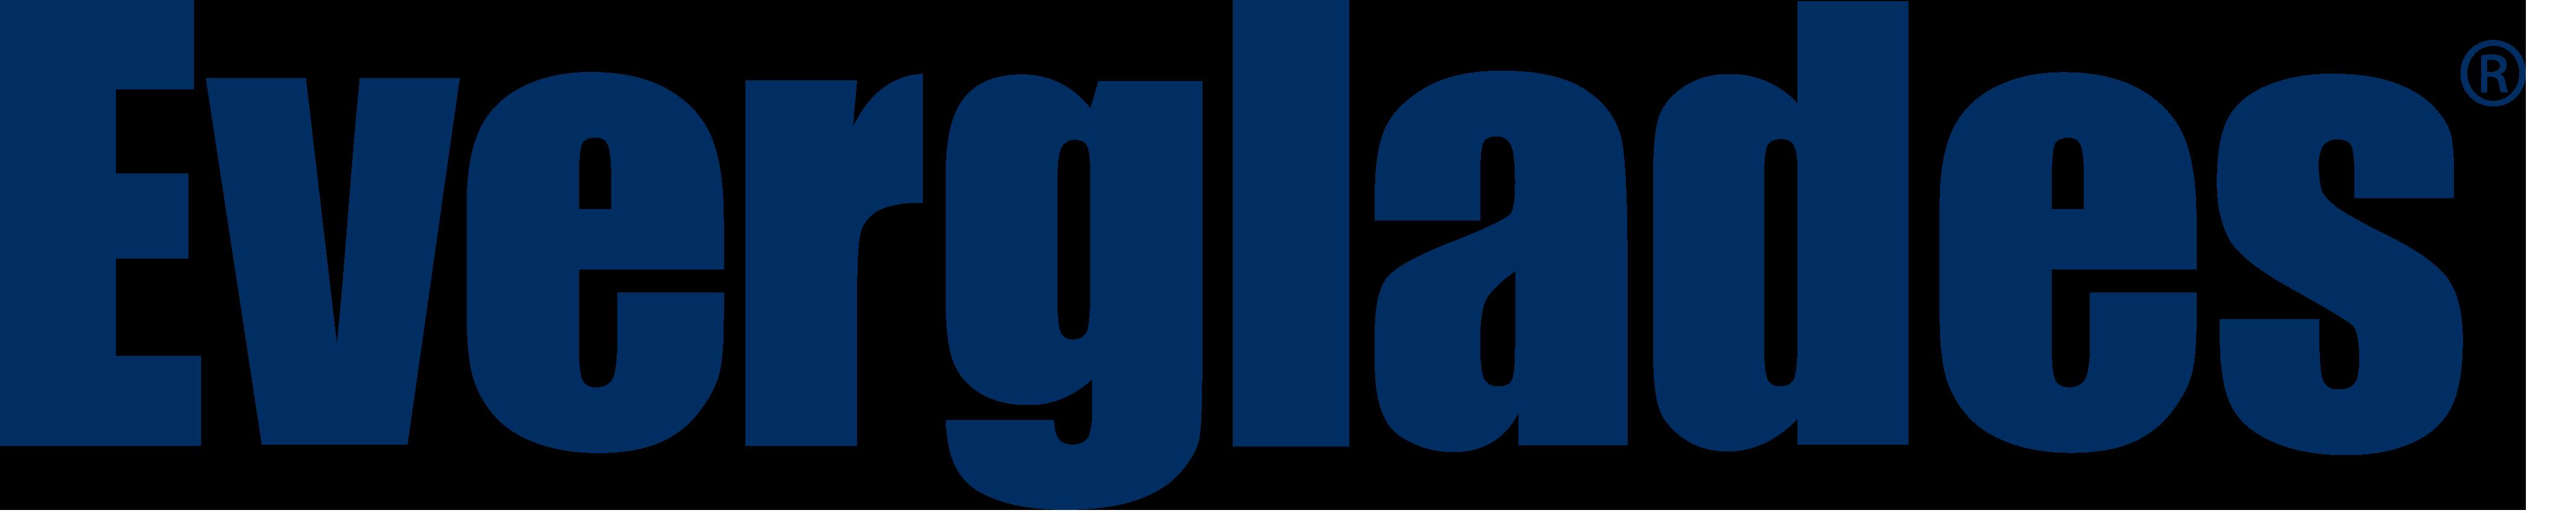 Everglades logo